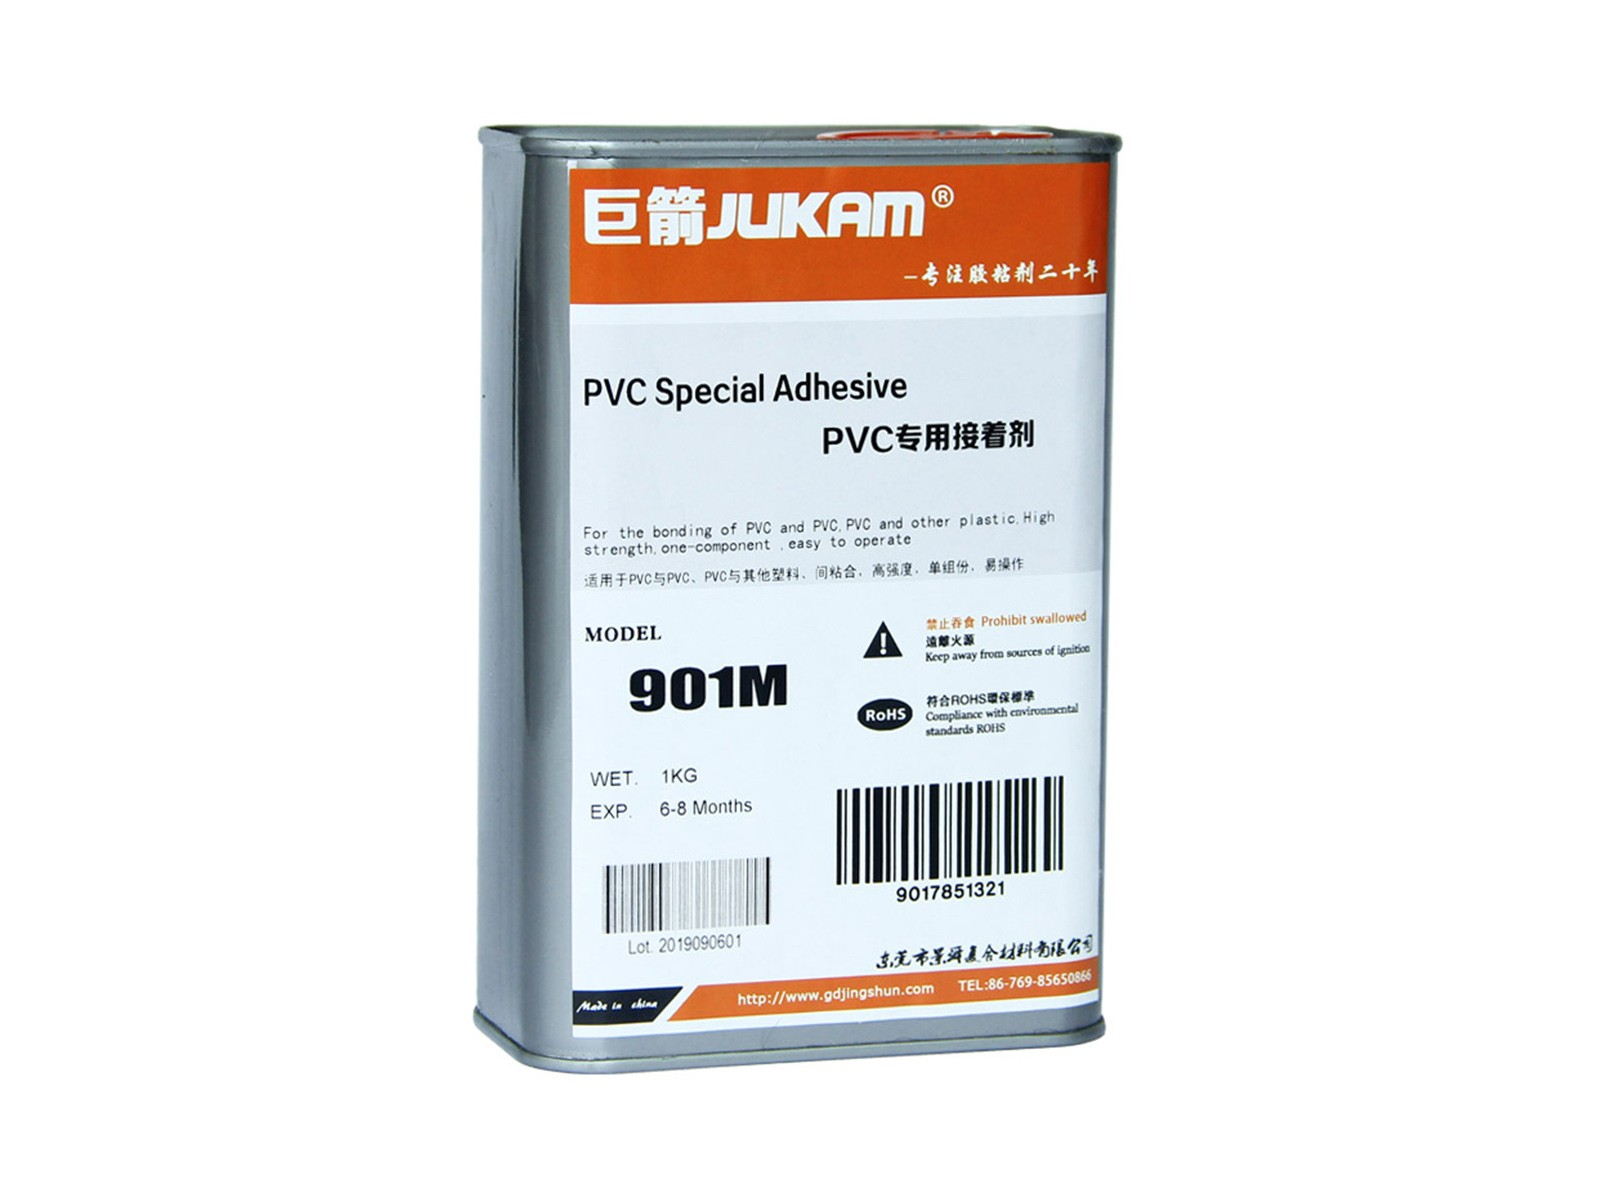 PVC管道专用胶水-901M